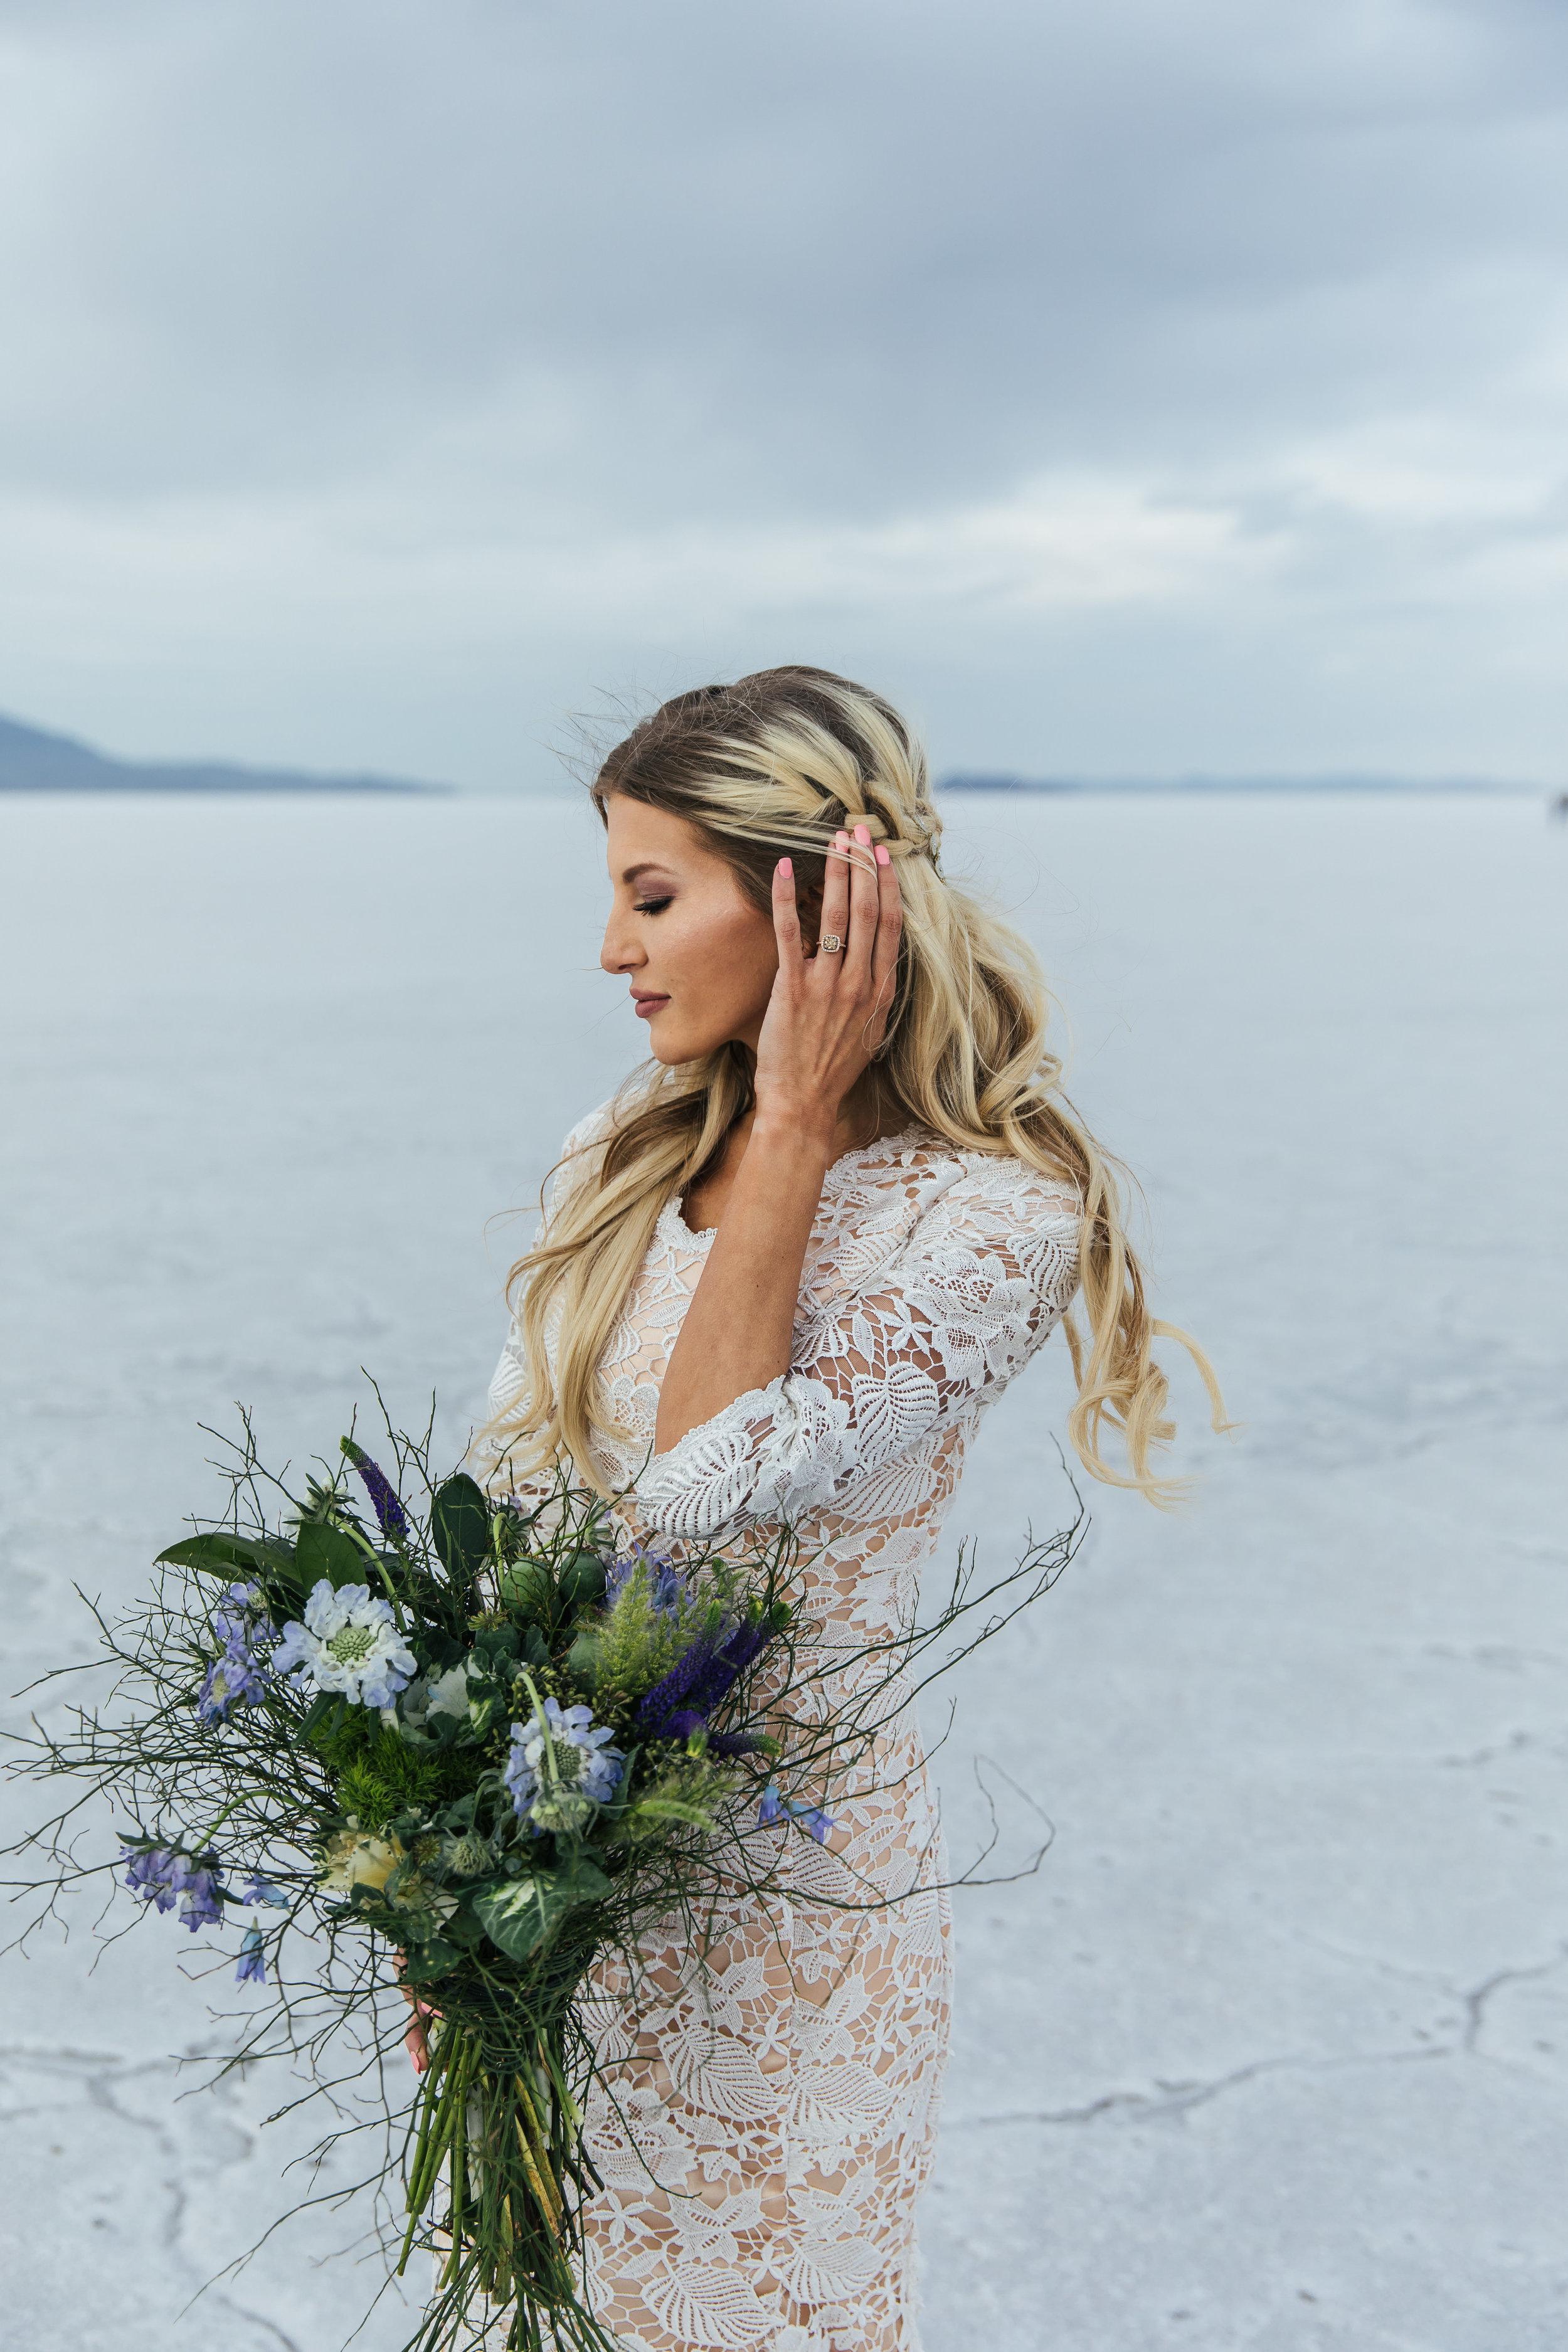 Bridal hair by Hailey Boam L Floral Studio Bouquet Elizabeth Cooper Design Dress Bonneville Salt Flats Bridals